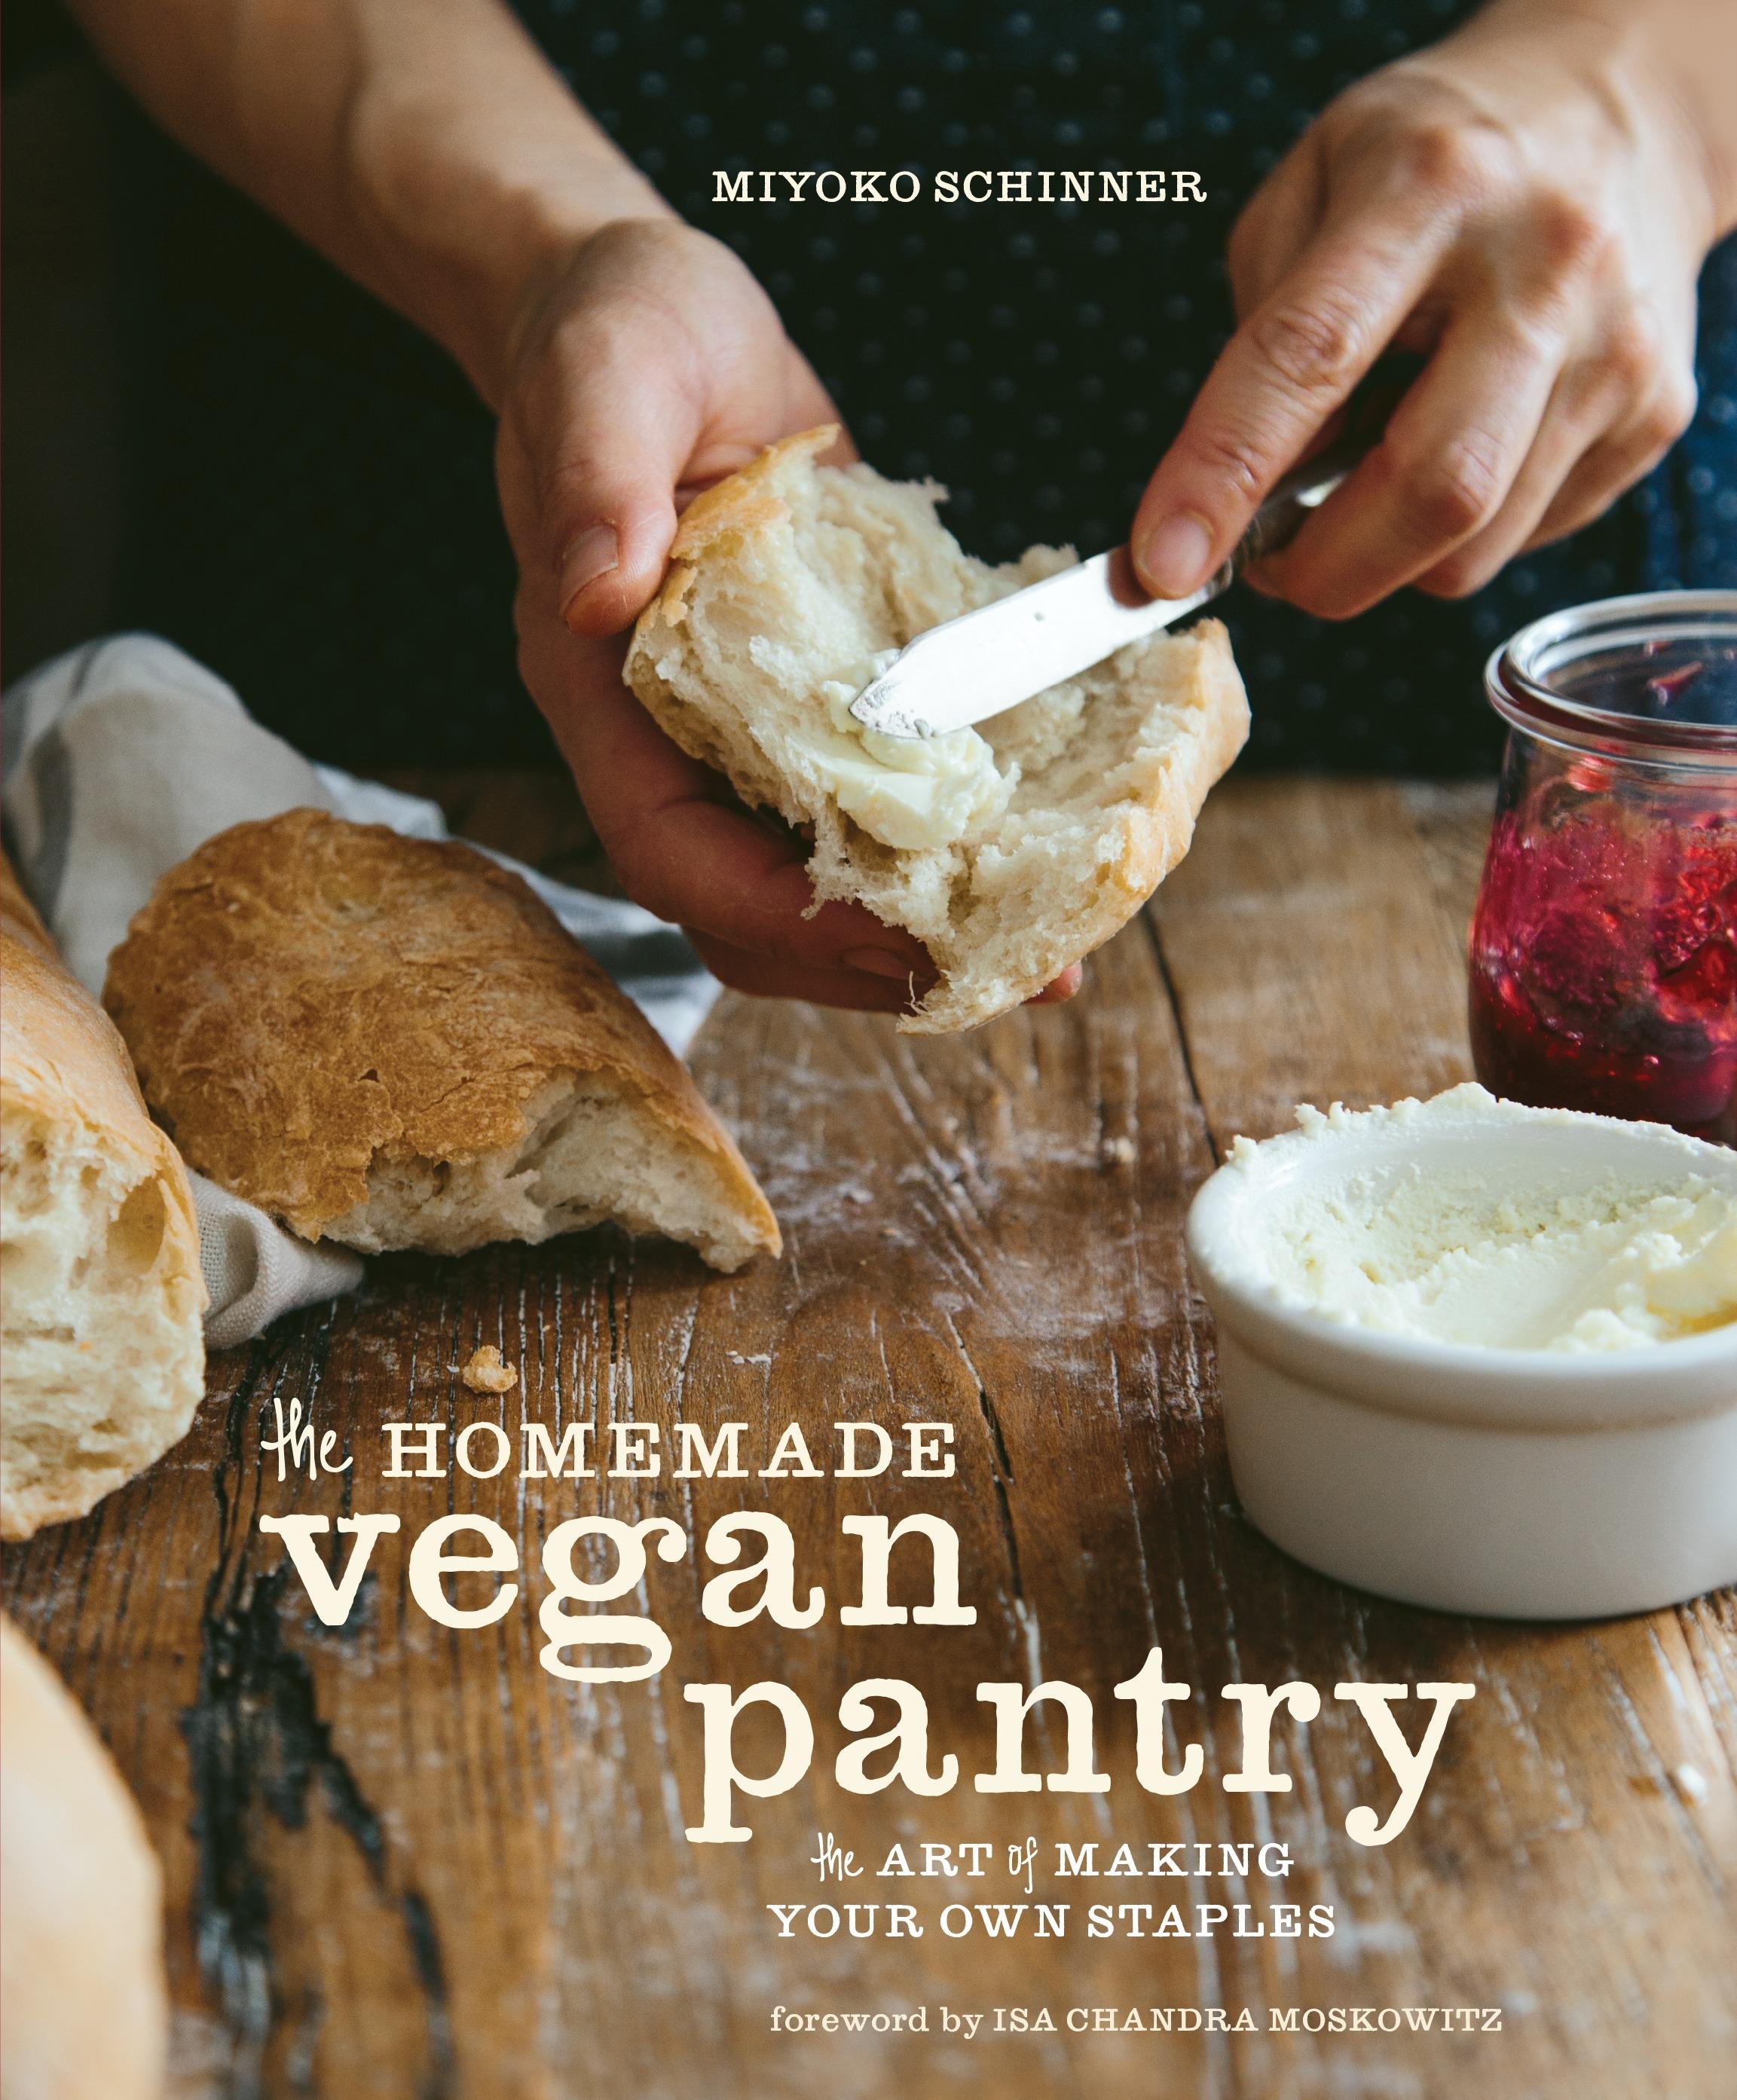 The Homemade Vegan Pantry by Miyoko Schinner - Penguin Books Australia